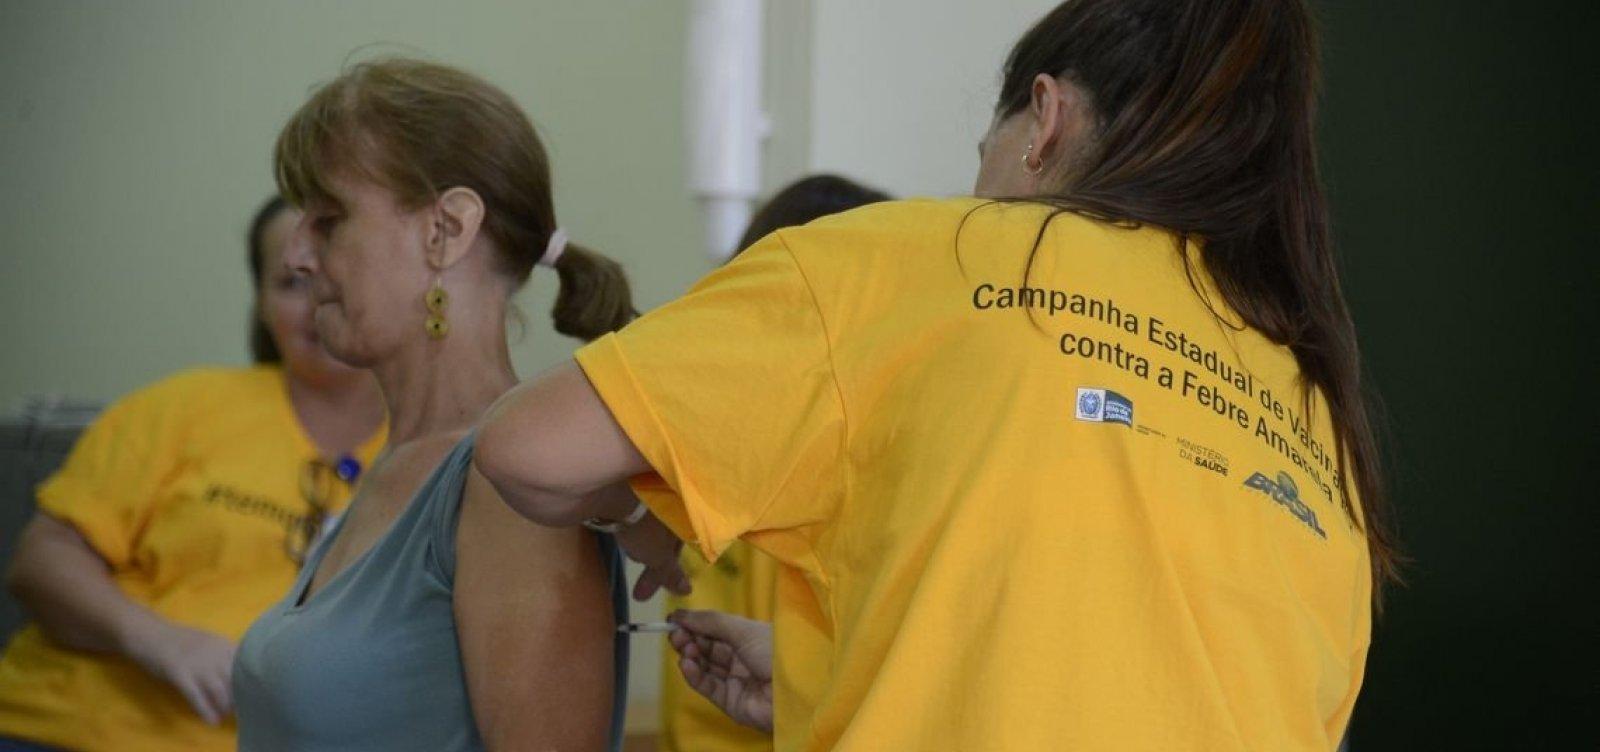 Fiocruz retoma exportação de vacinas contra febre amarela